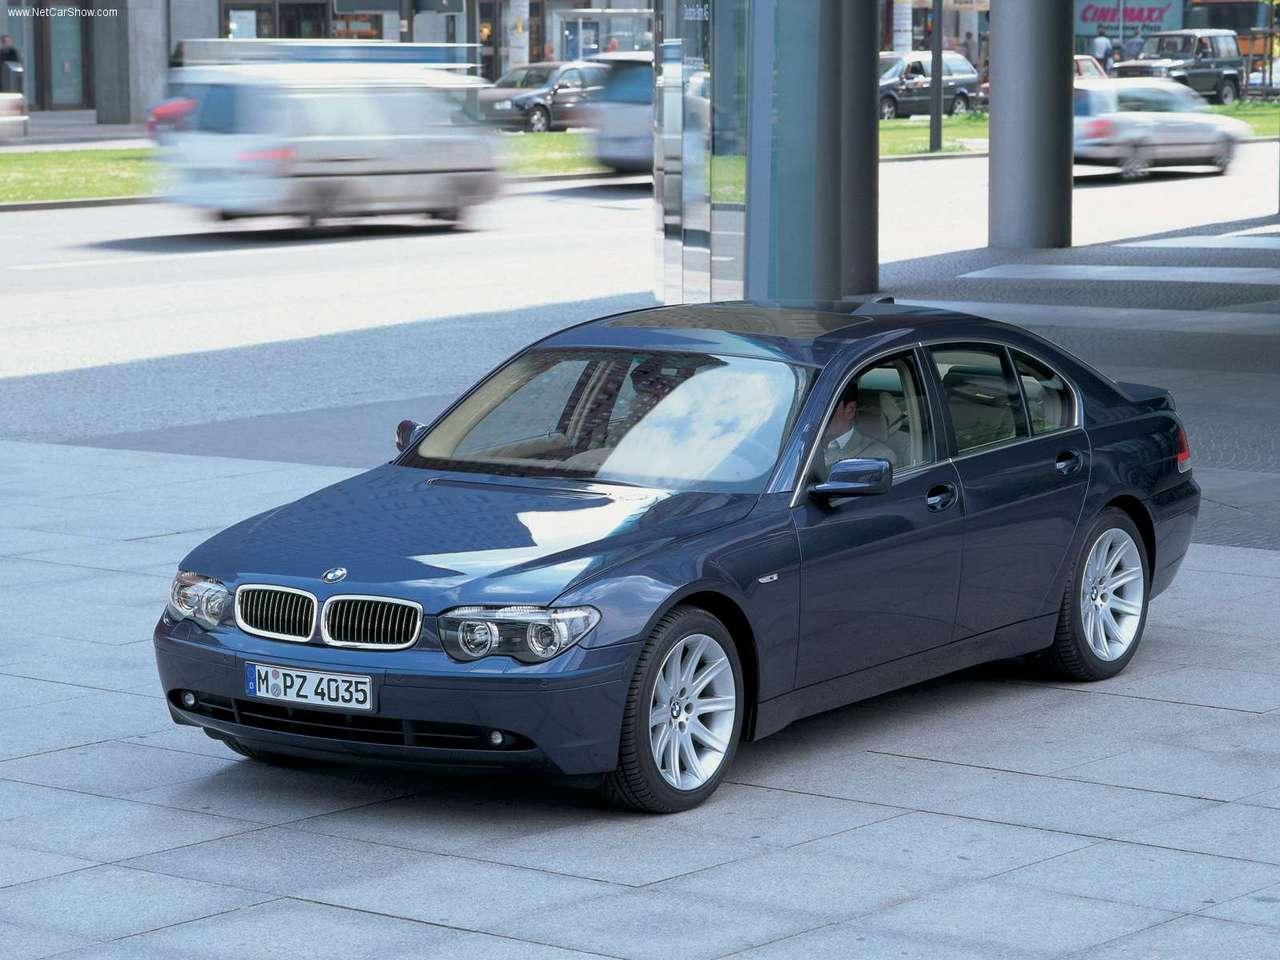 http://3.bp.blogspot.com/_xhqjRo6NERQ/S68eboVXIOI/AAAAAAAAGZk/YM0voY5JKy0/s1600/BMW-740d_2002_1280x960_wallpaper_02.jpg